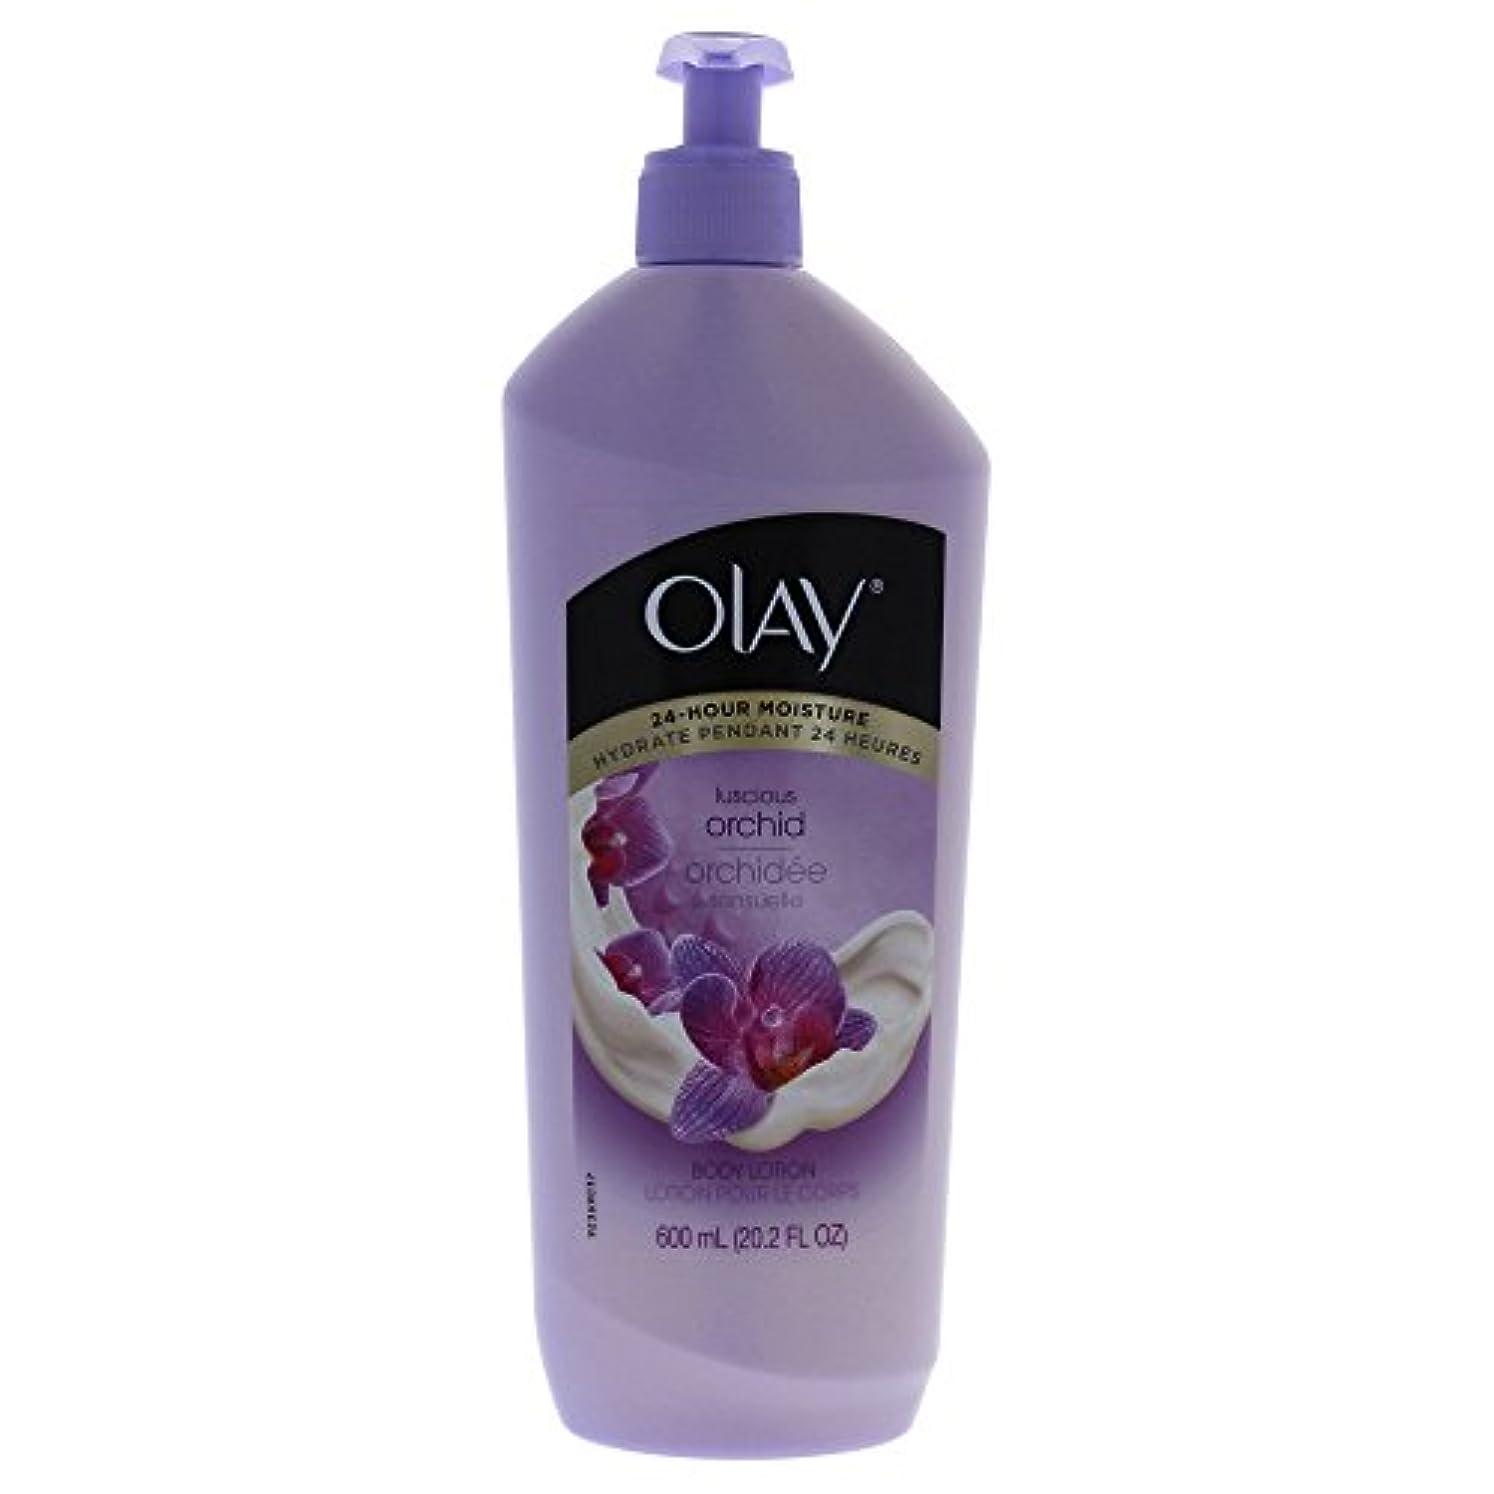 理容室ソフトウェア冷ややかなLuscious Orchid Body Lotion